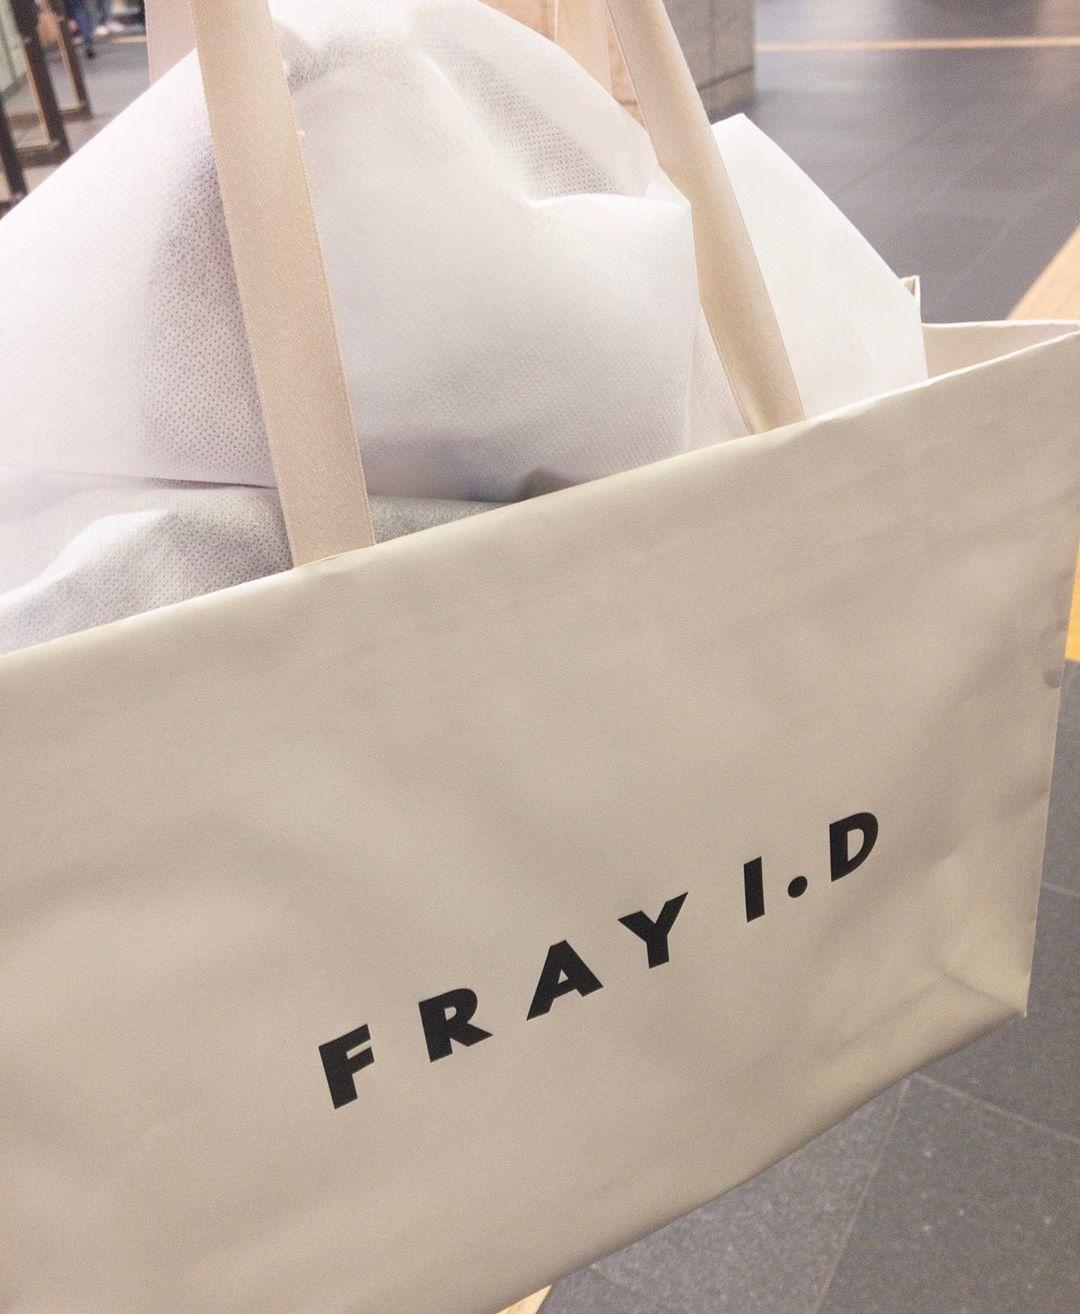 |FRAY I.D